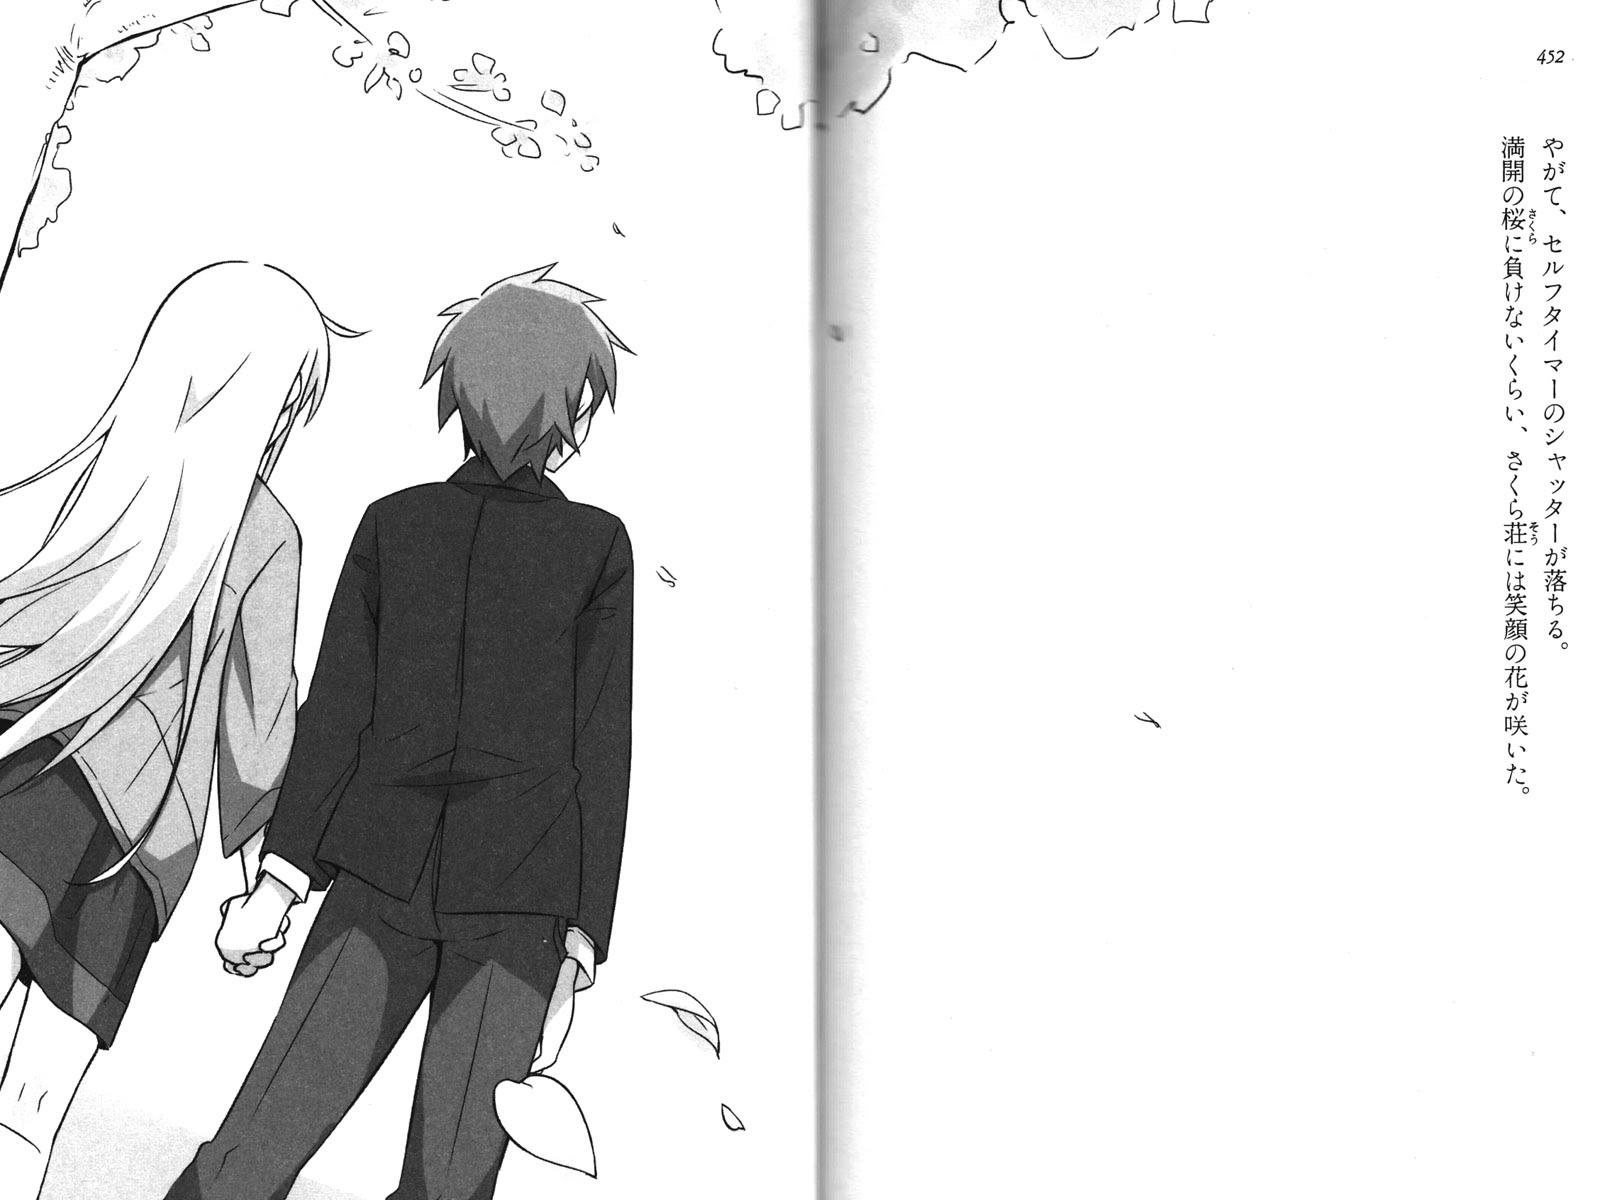 Ending Novel Anime Sakurasou No Pet Na Kanojo Spoiler